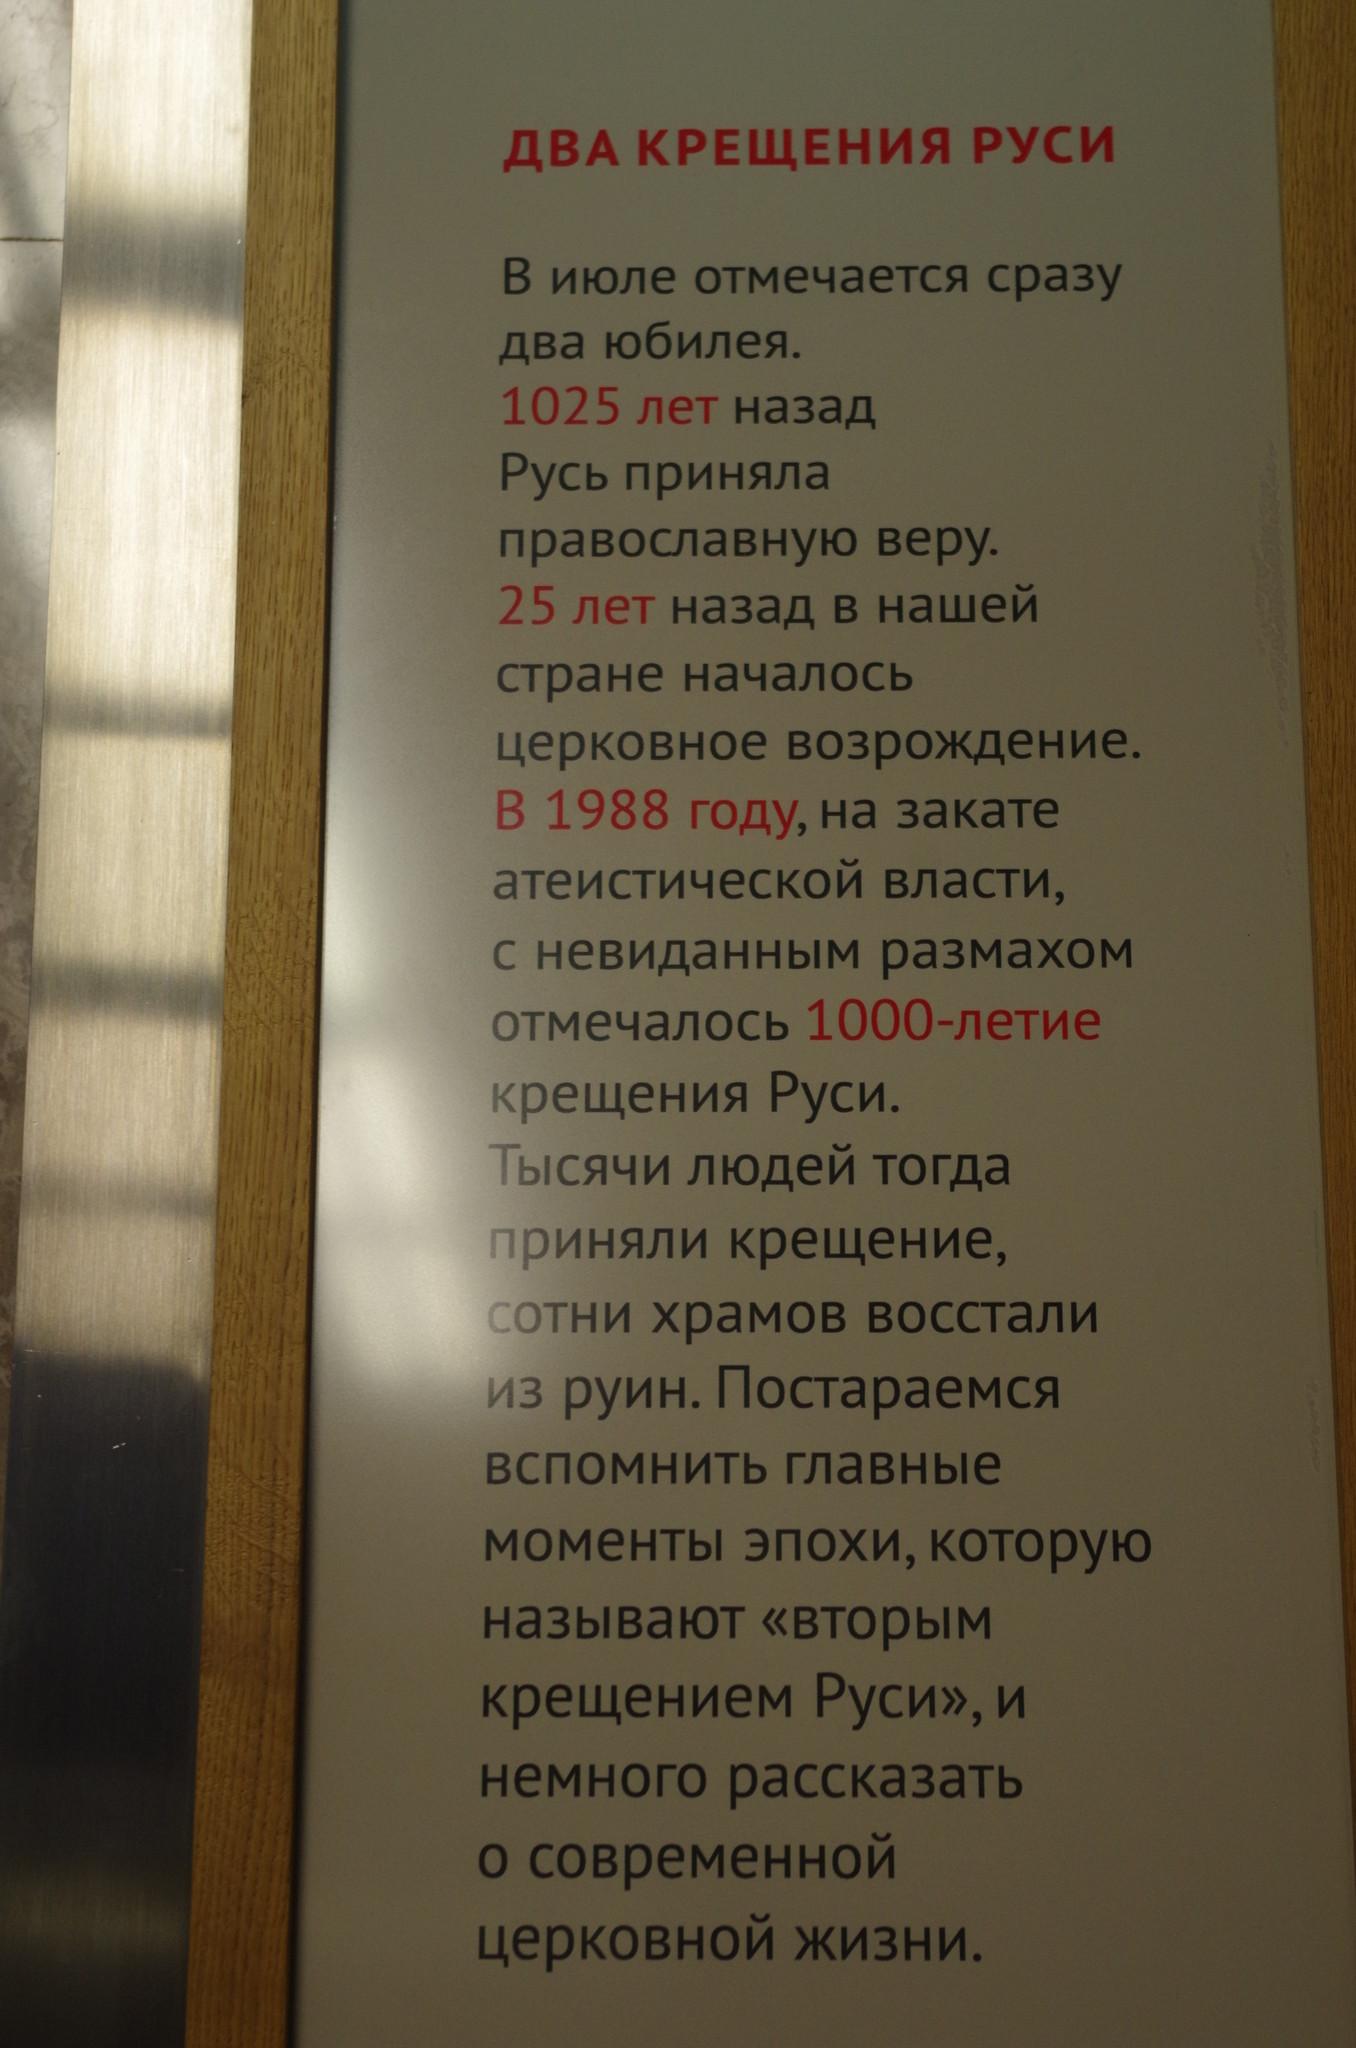 Выставка «Два крещения Руси» в галерее «Метро» на станции «Выставочная» Московского метрополитена. Сентябрь 2013 г.